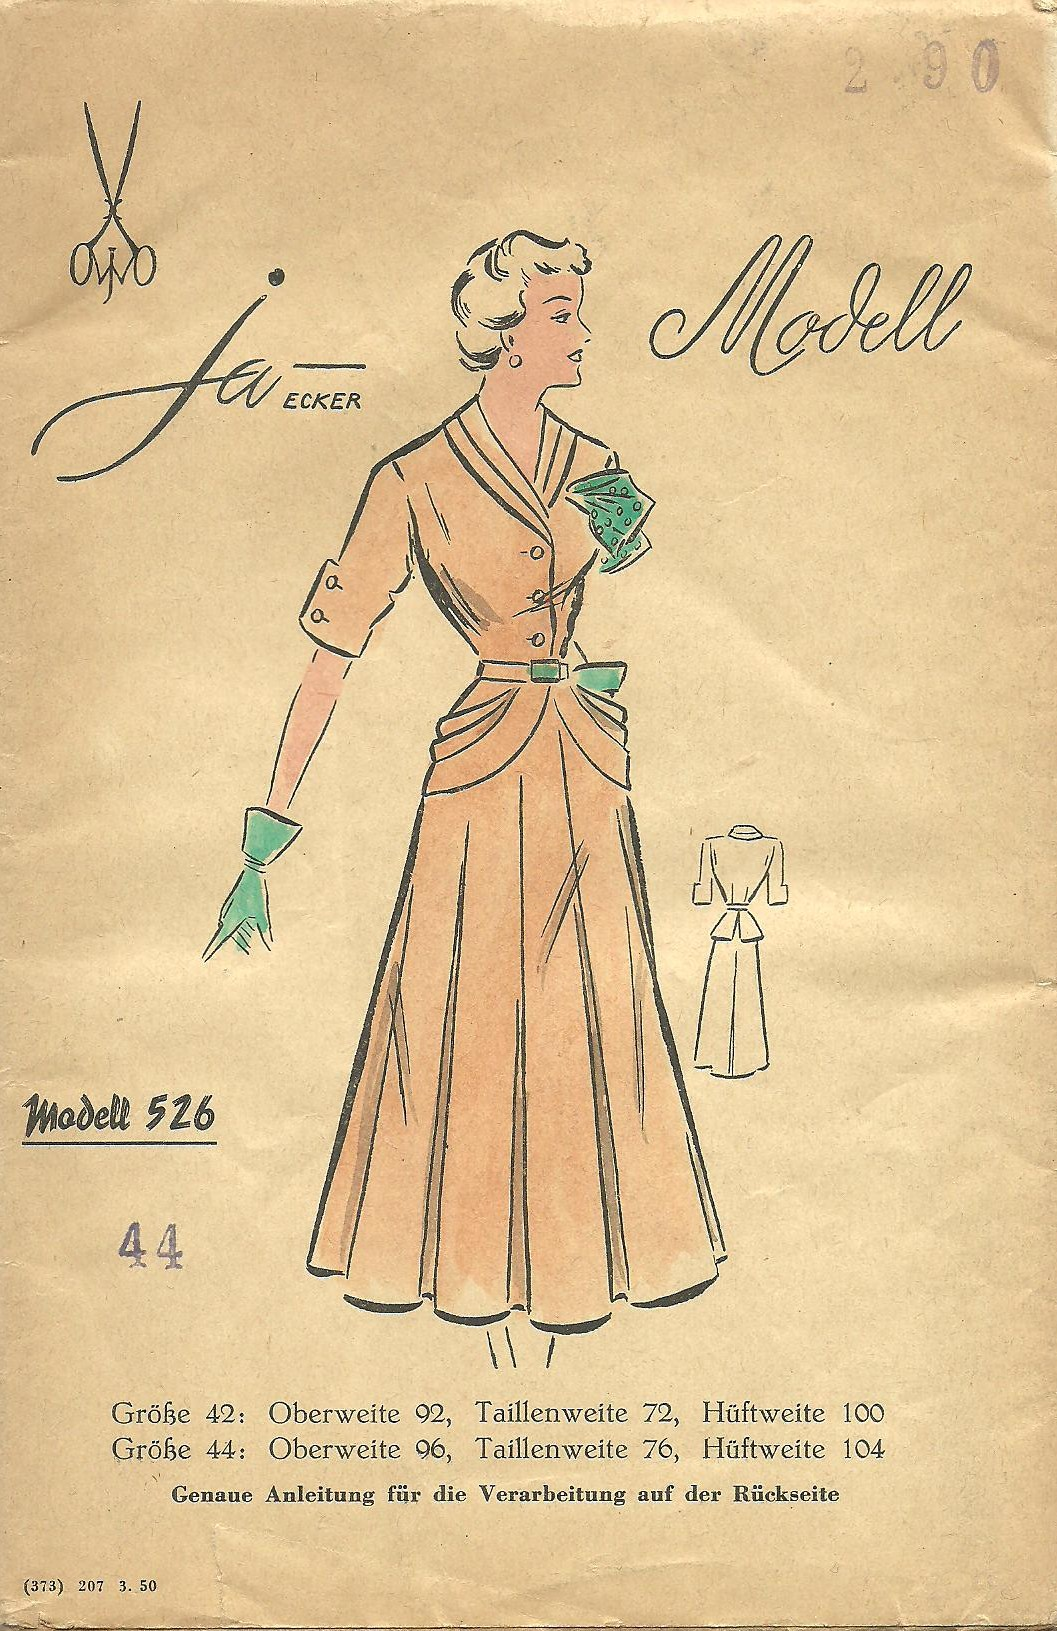 Jaecker Modell 526